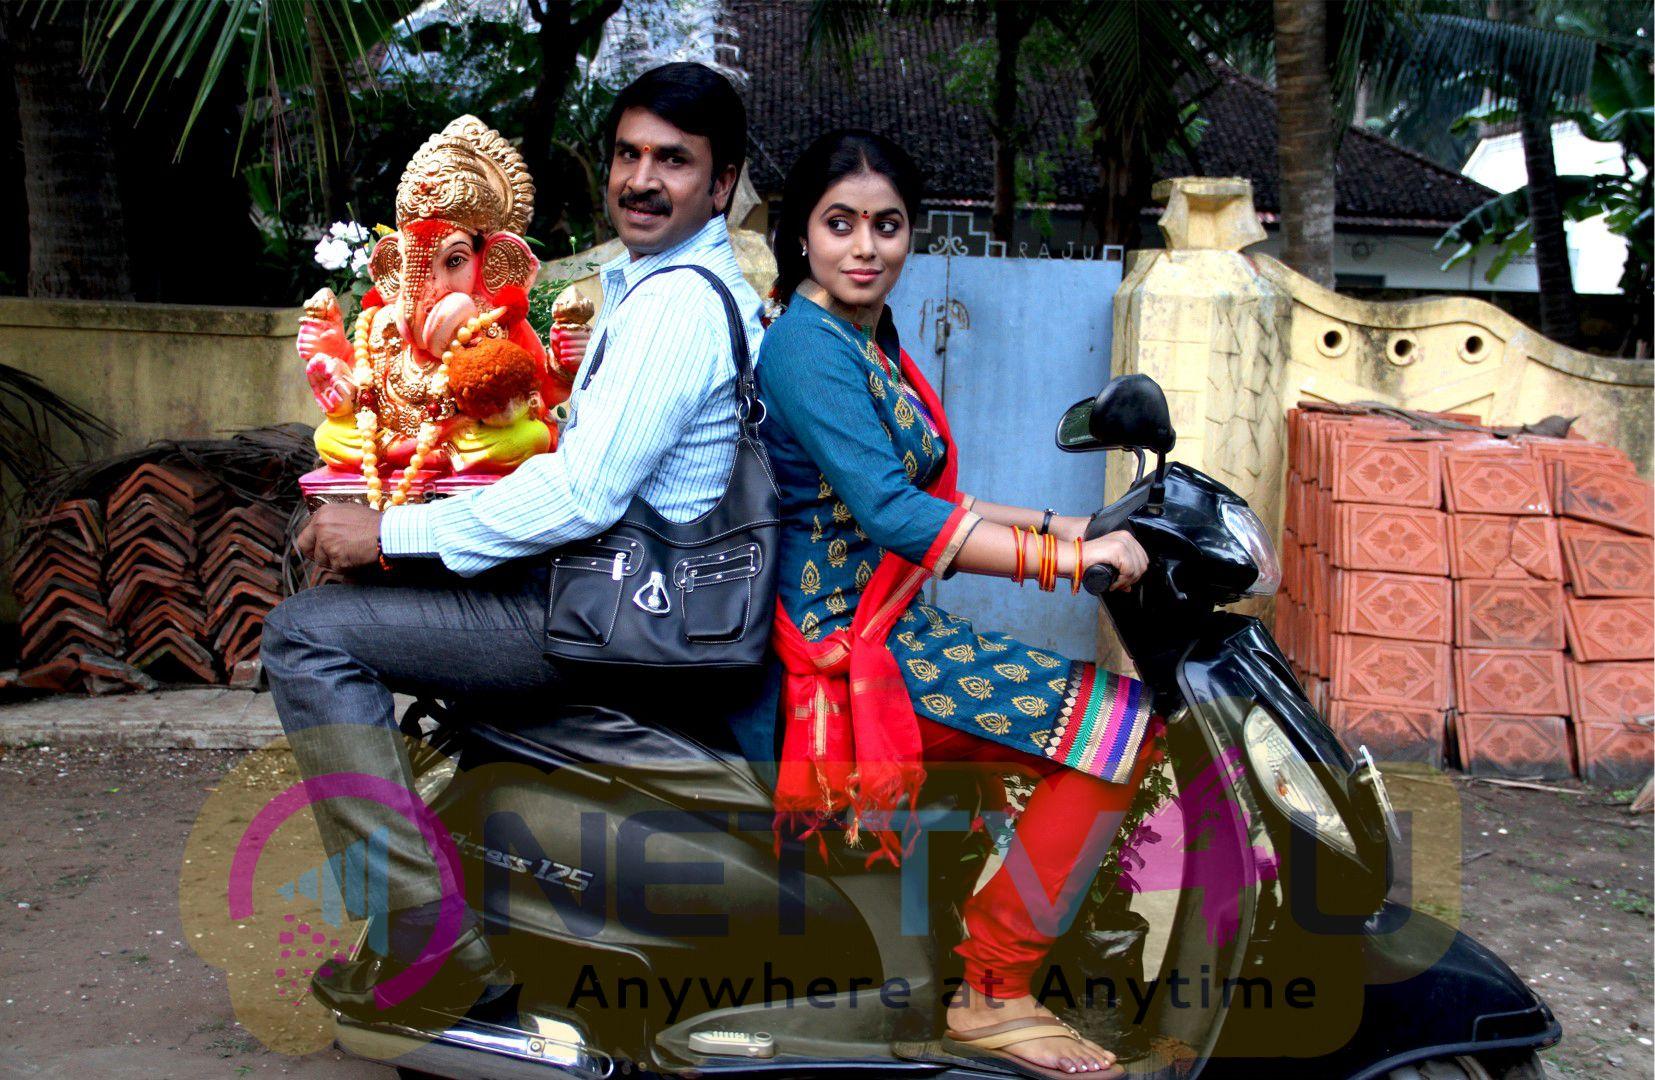 Jayammu Nischayammu Raa Telugu Movie Still & Poster